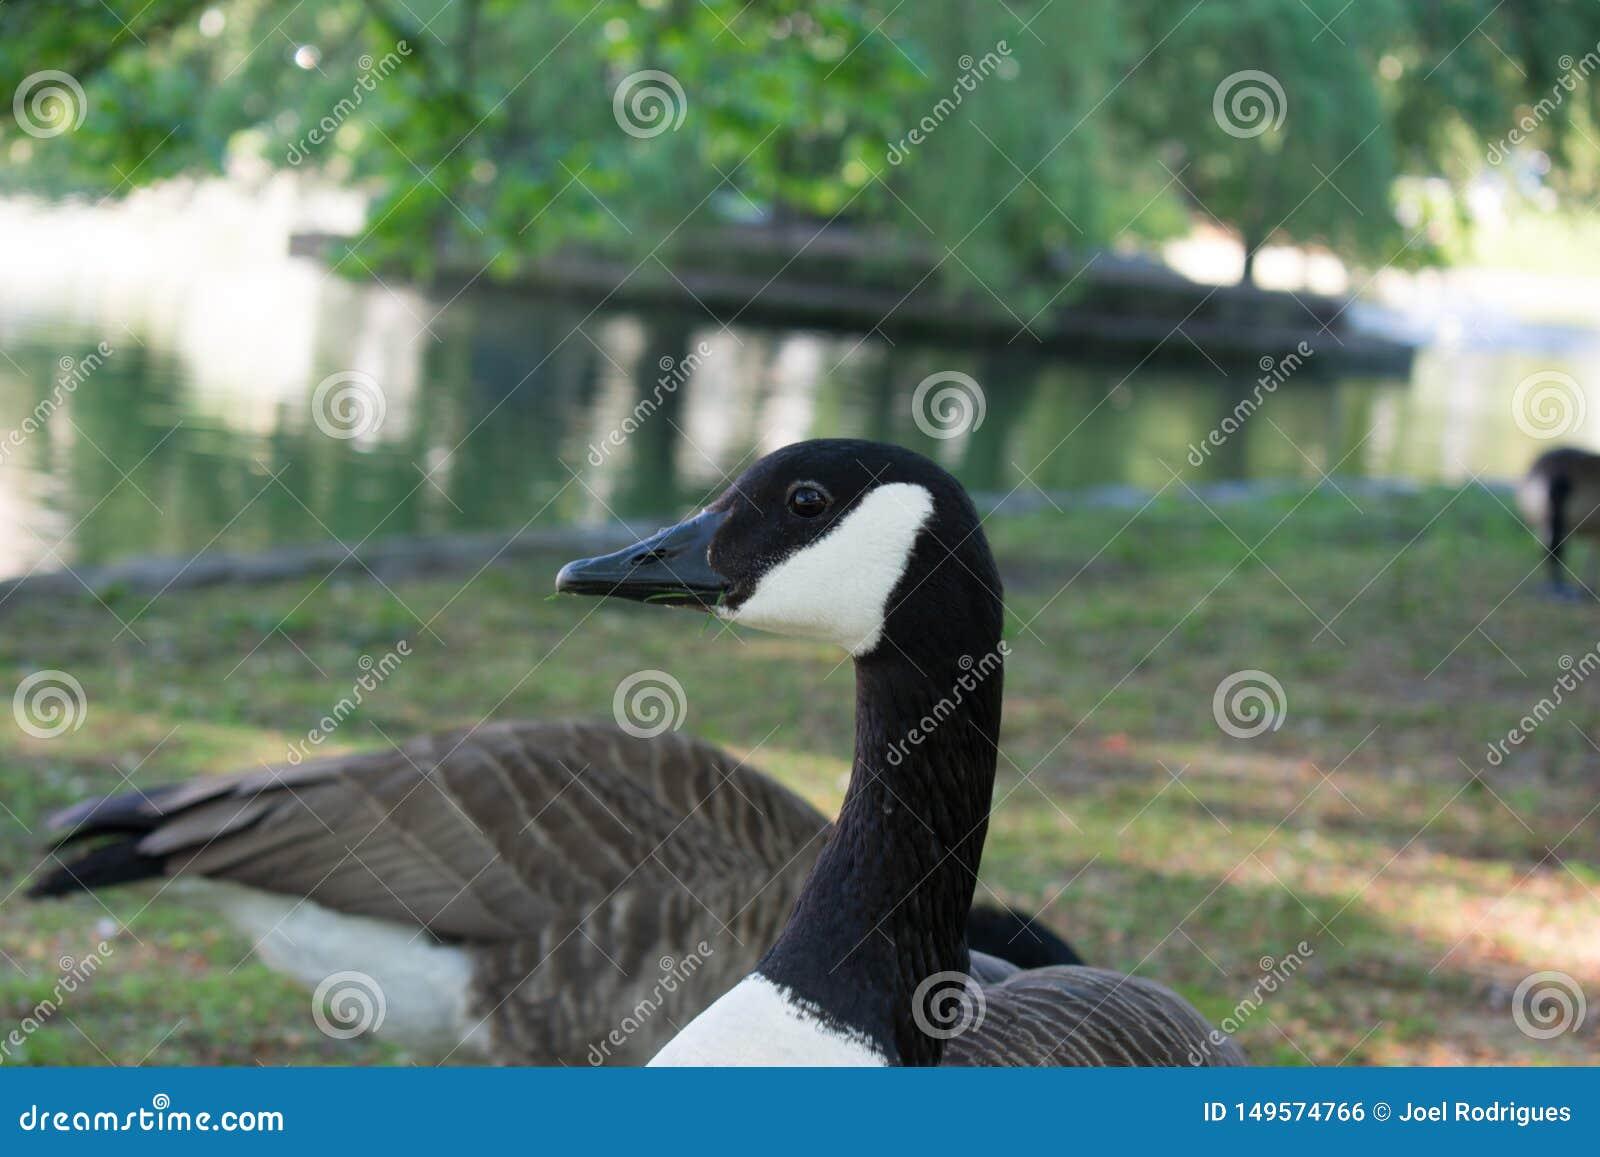 调查照相机的加拿大鹅在公园湖旁边